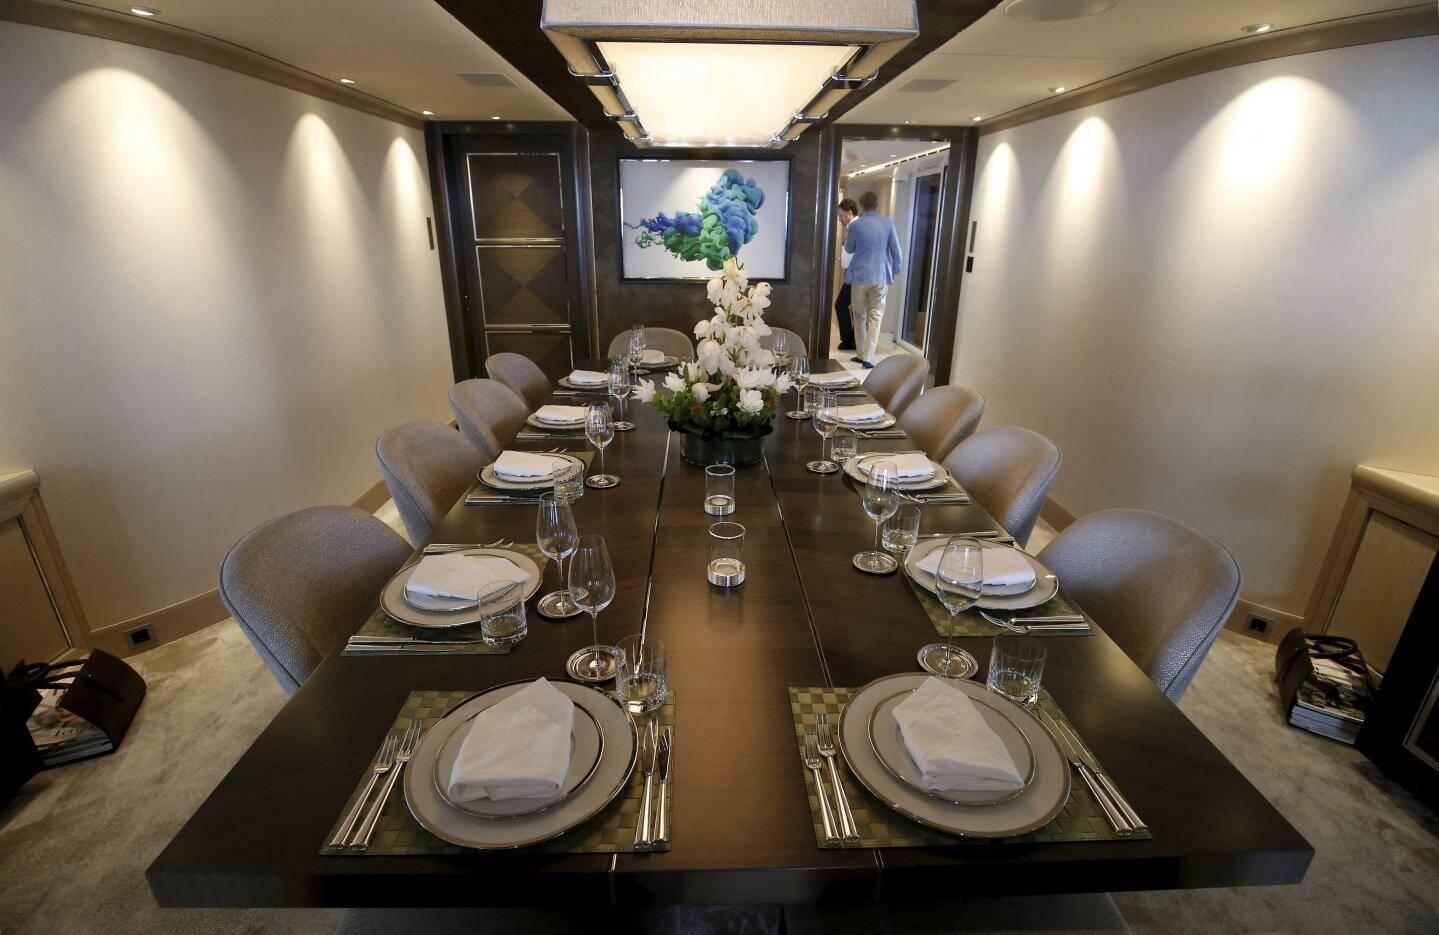 Une salle à manger pouvant recevoir 20 personnes